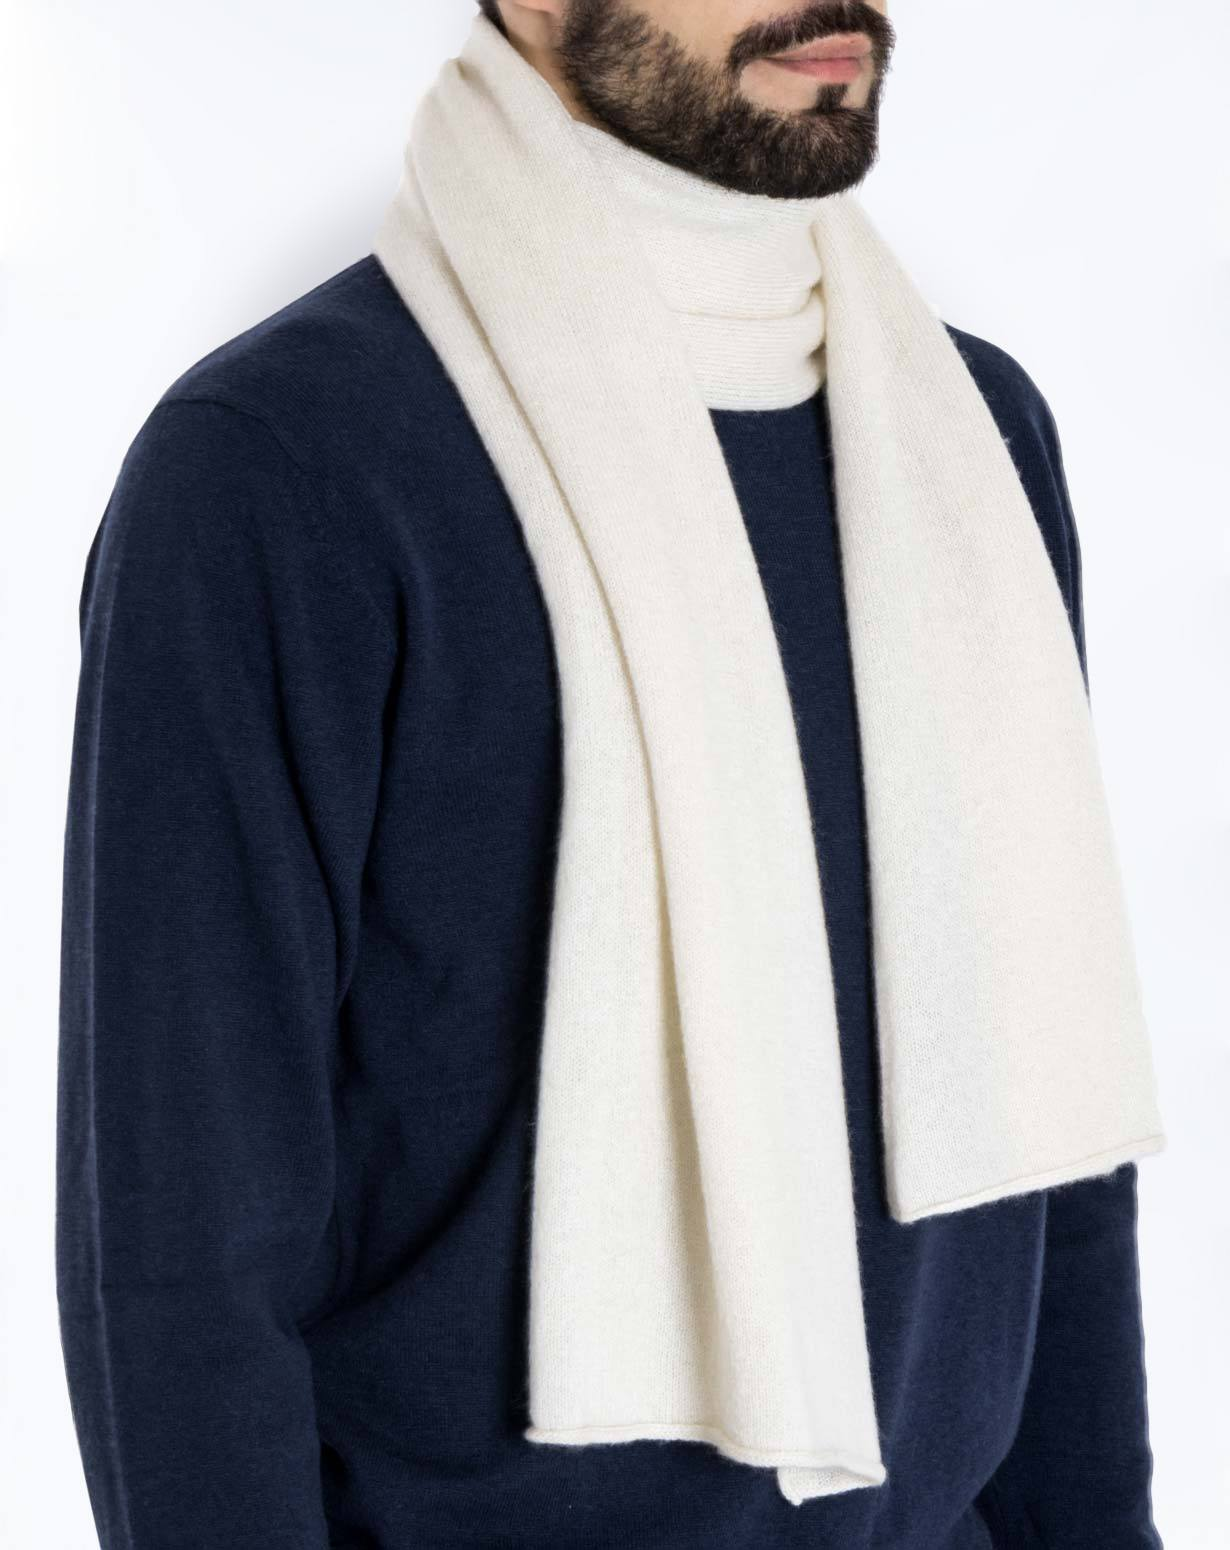 Langer Schal aus 100% Cashmere